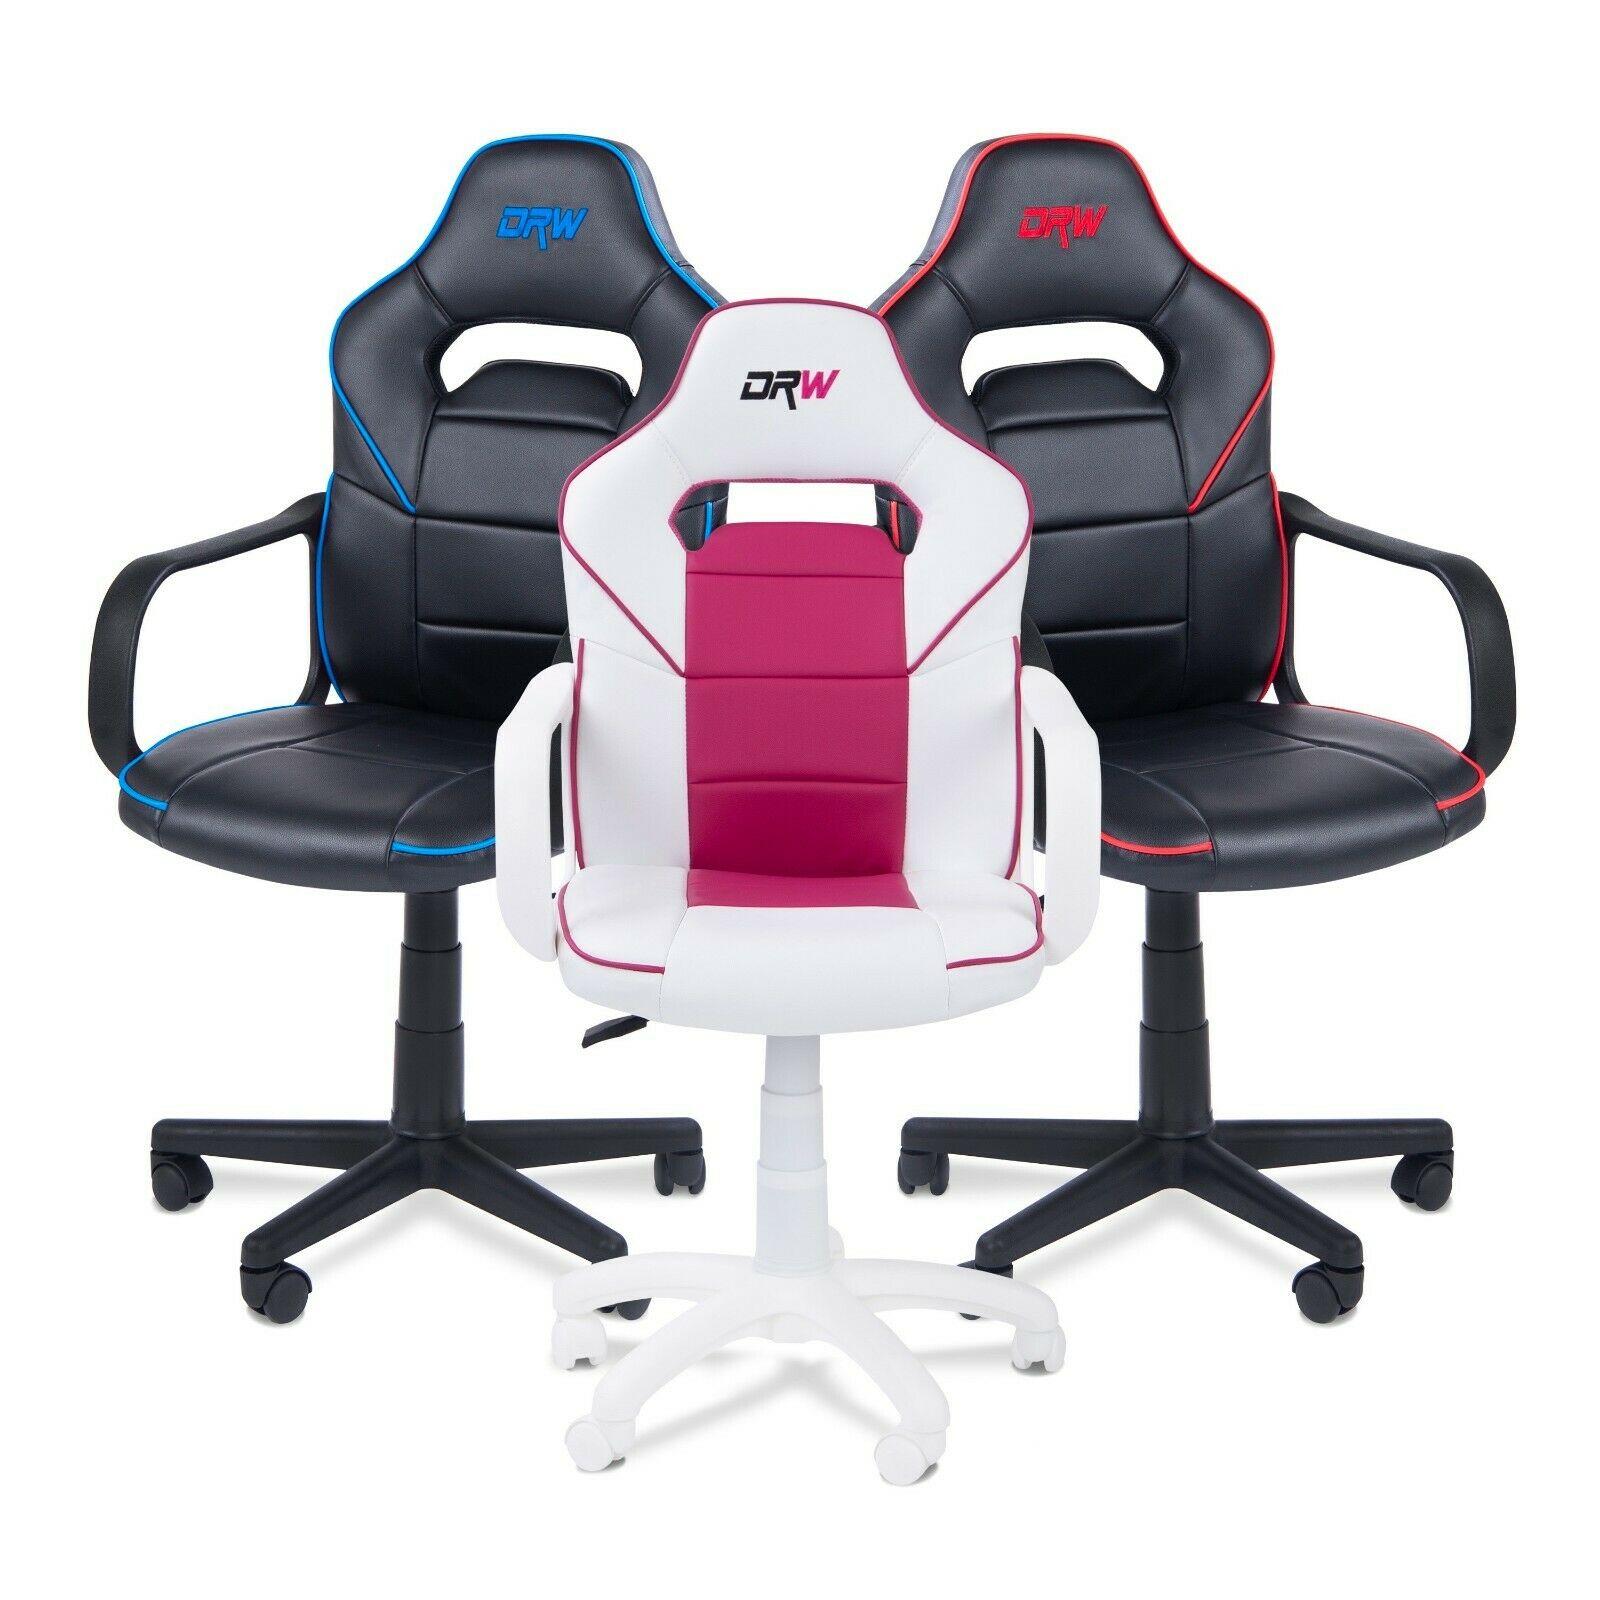 Silla gaming, sillon oficina o despacho, estudio o escritorio, modelo Gamer DRW